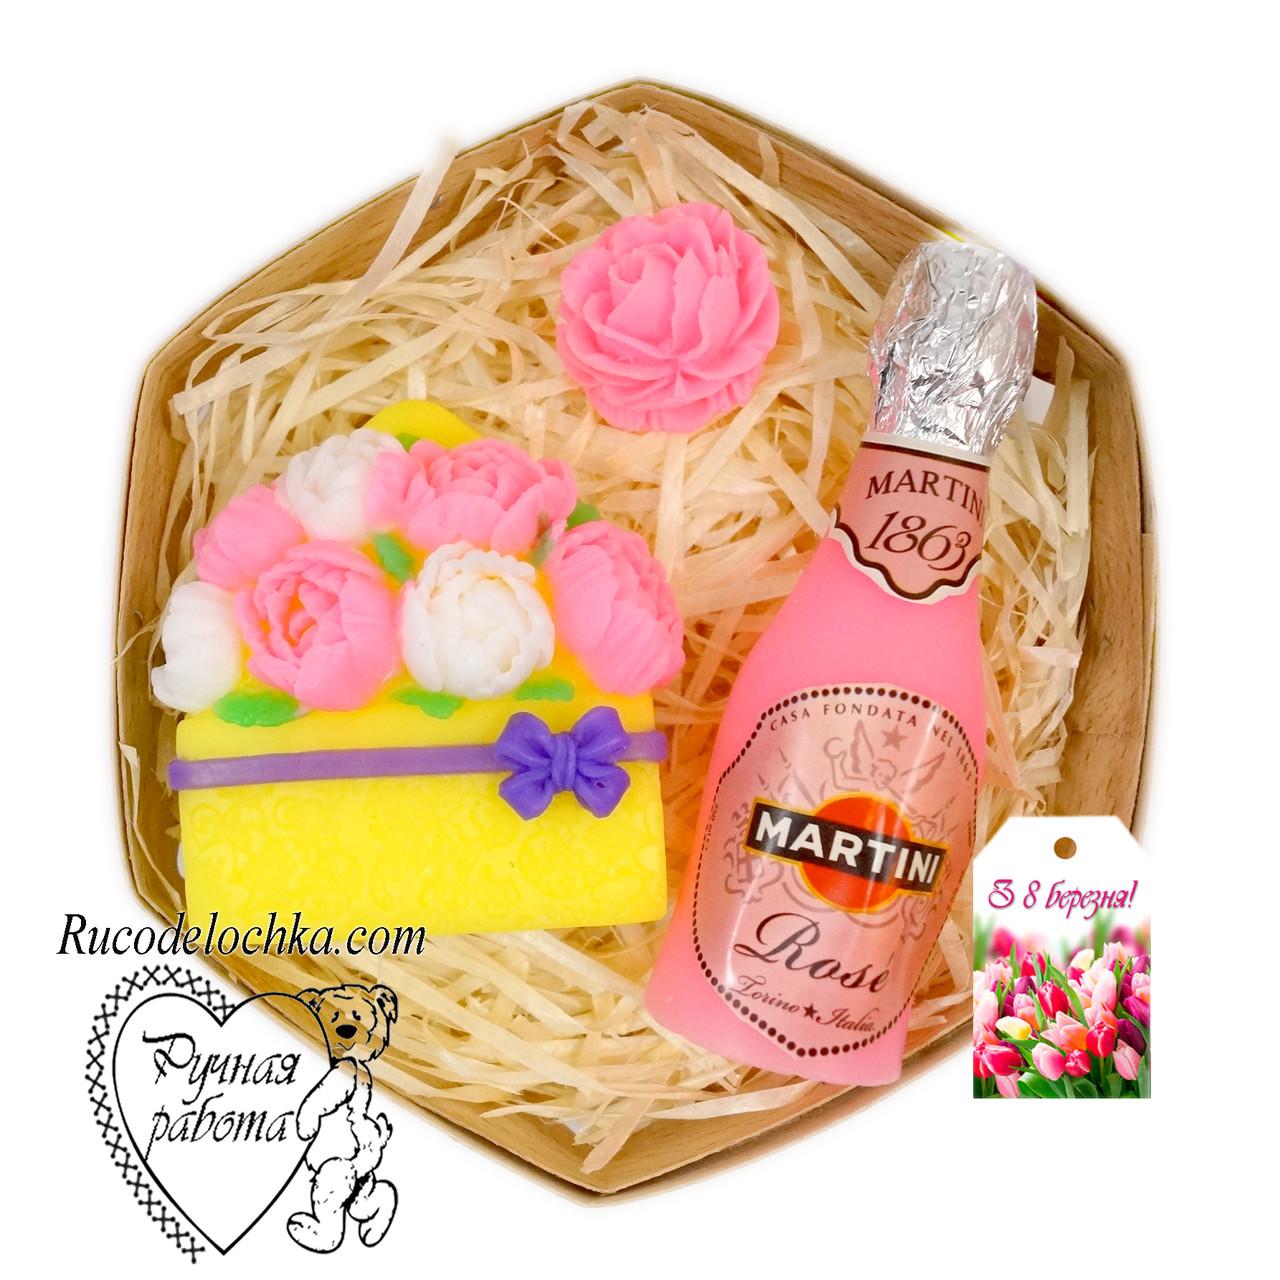 Мыло набор 8 марта, мартини, пионы, роза мини, подарок маме, подруге, женщине, ручная работа